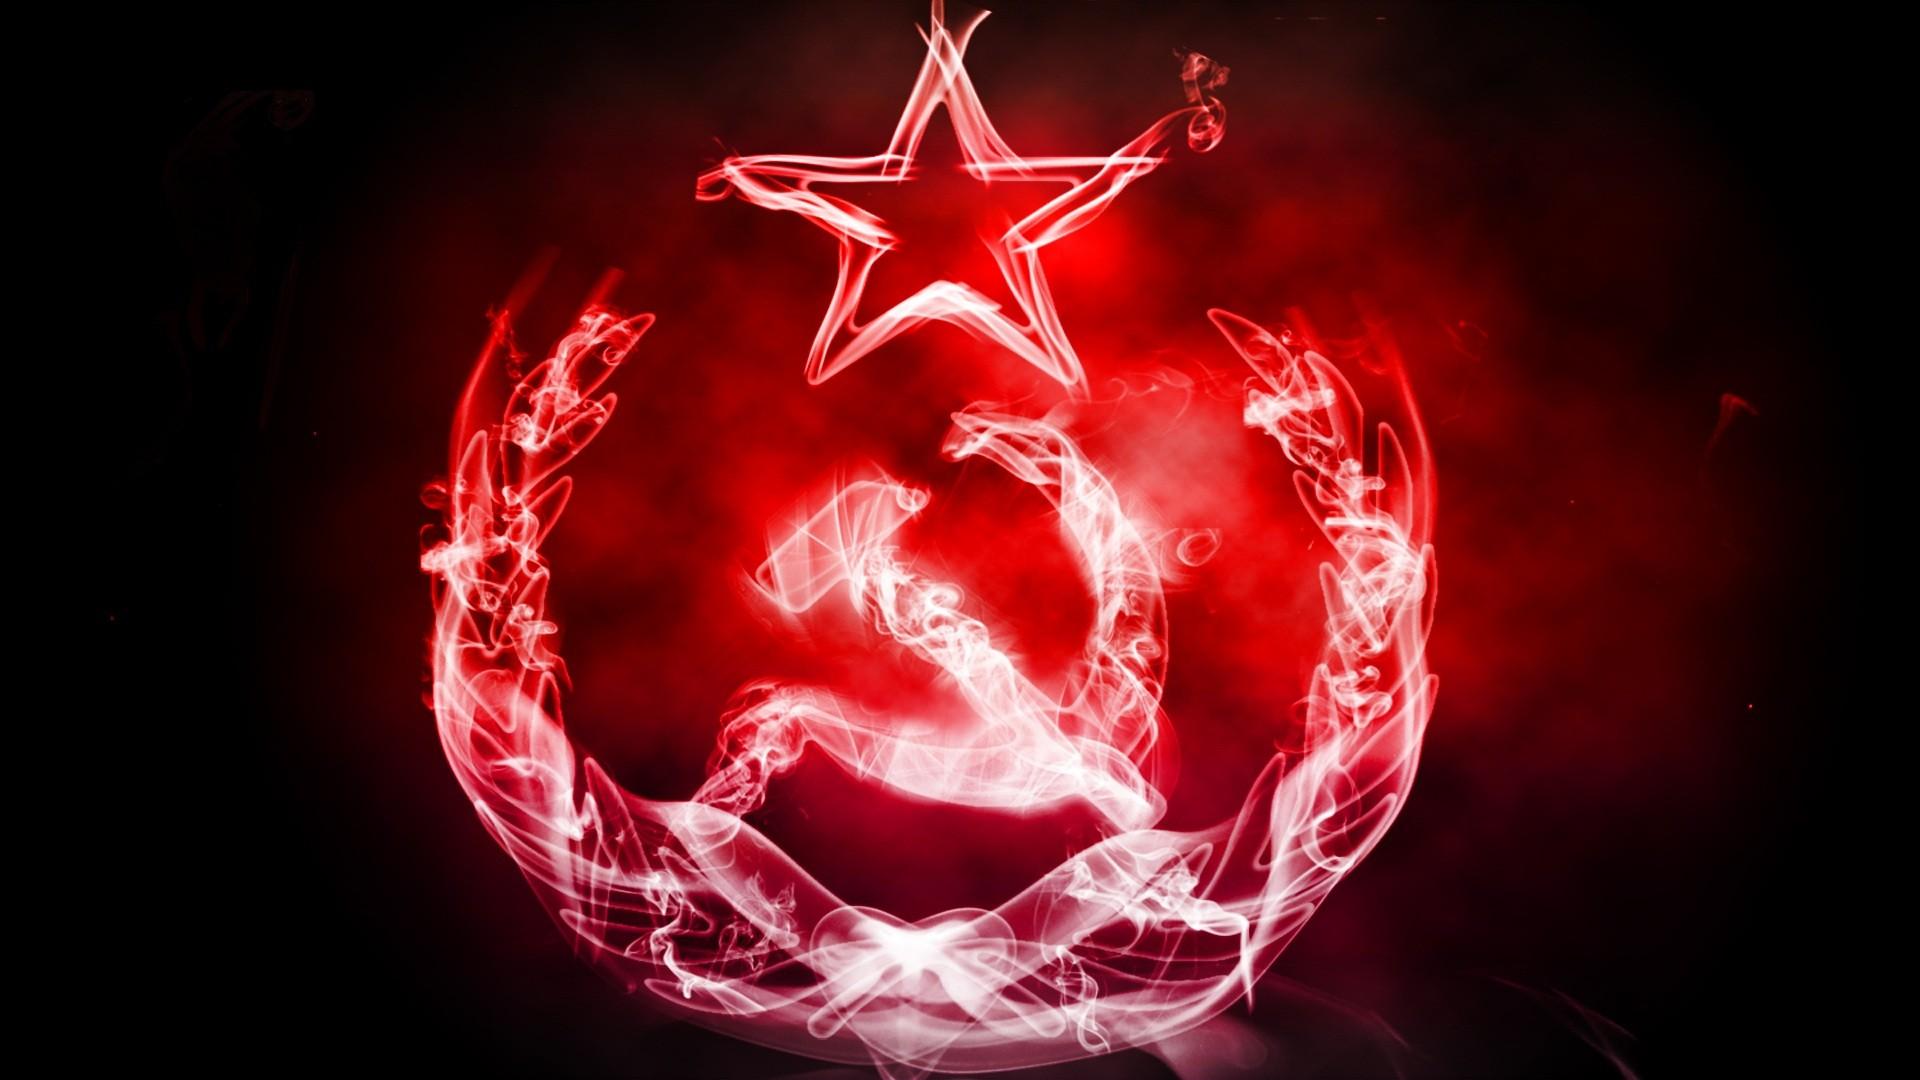 Hintergrundbilder : Illustration, Herz, rot, Russland, UdSSR, Muskel ...